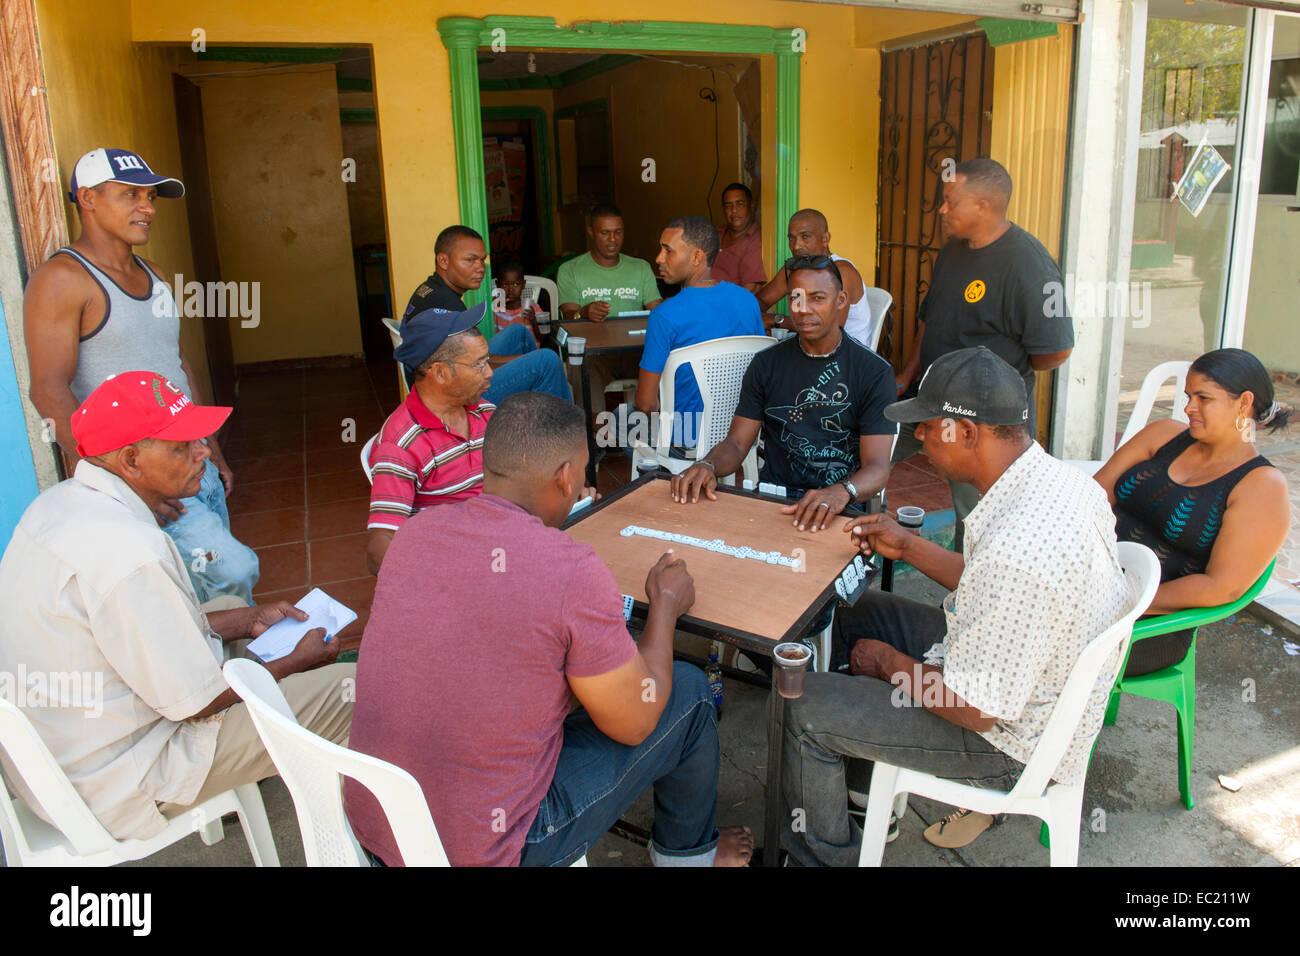 Dominikanische Republik, Halbinsel Samana, Sanchez, Männer spielen Domino - Stock Image